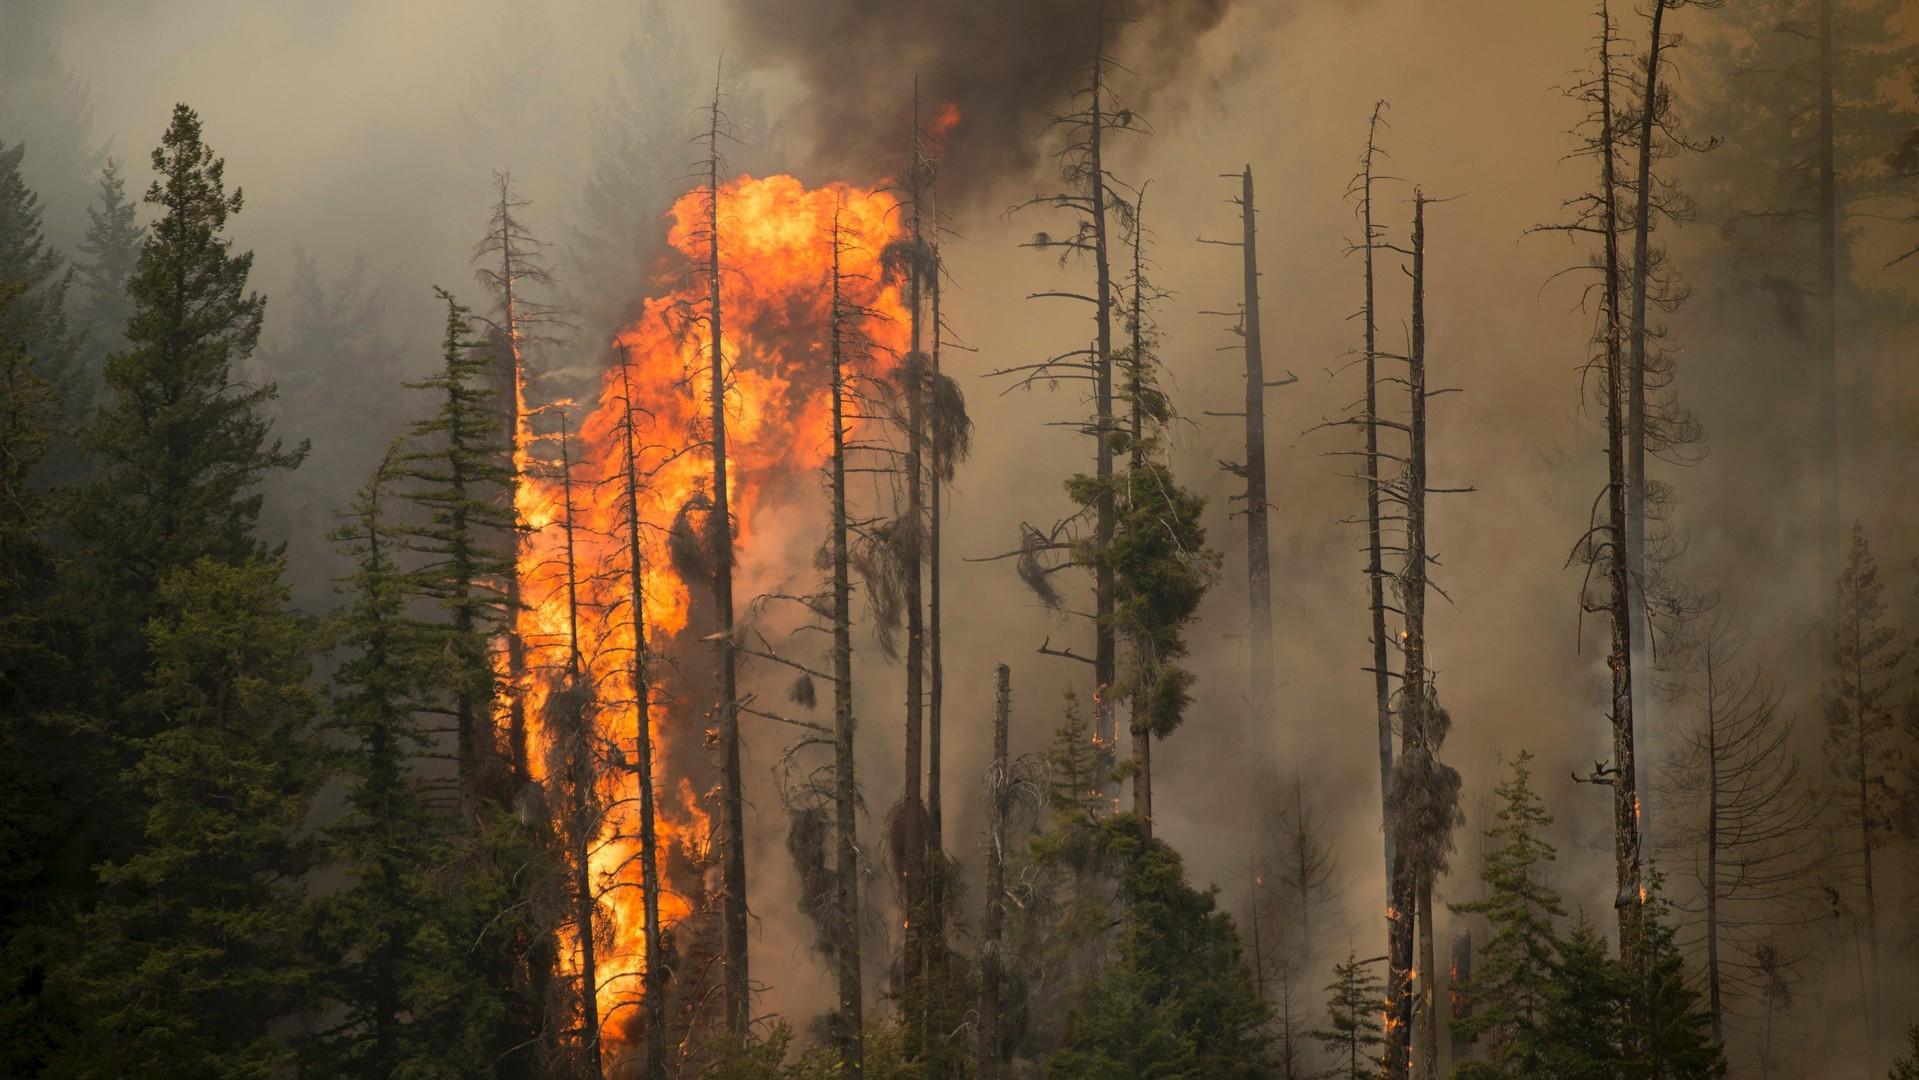 Des feux de forêt font rage dans l'Etat de Washington